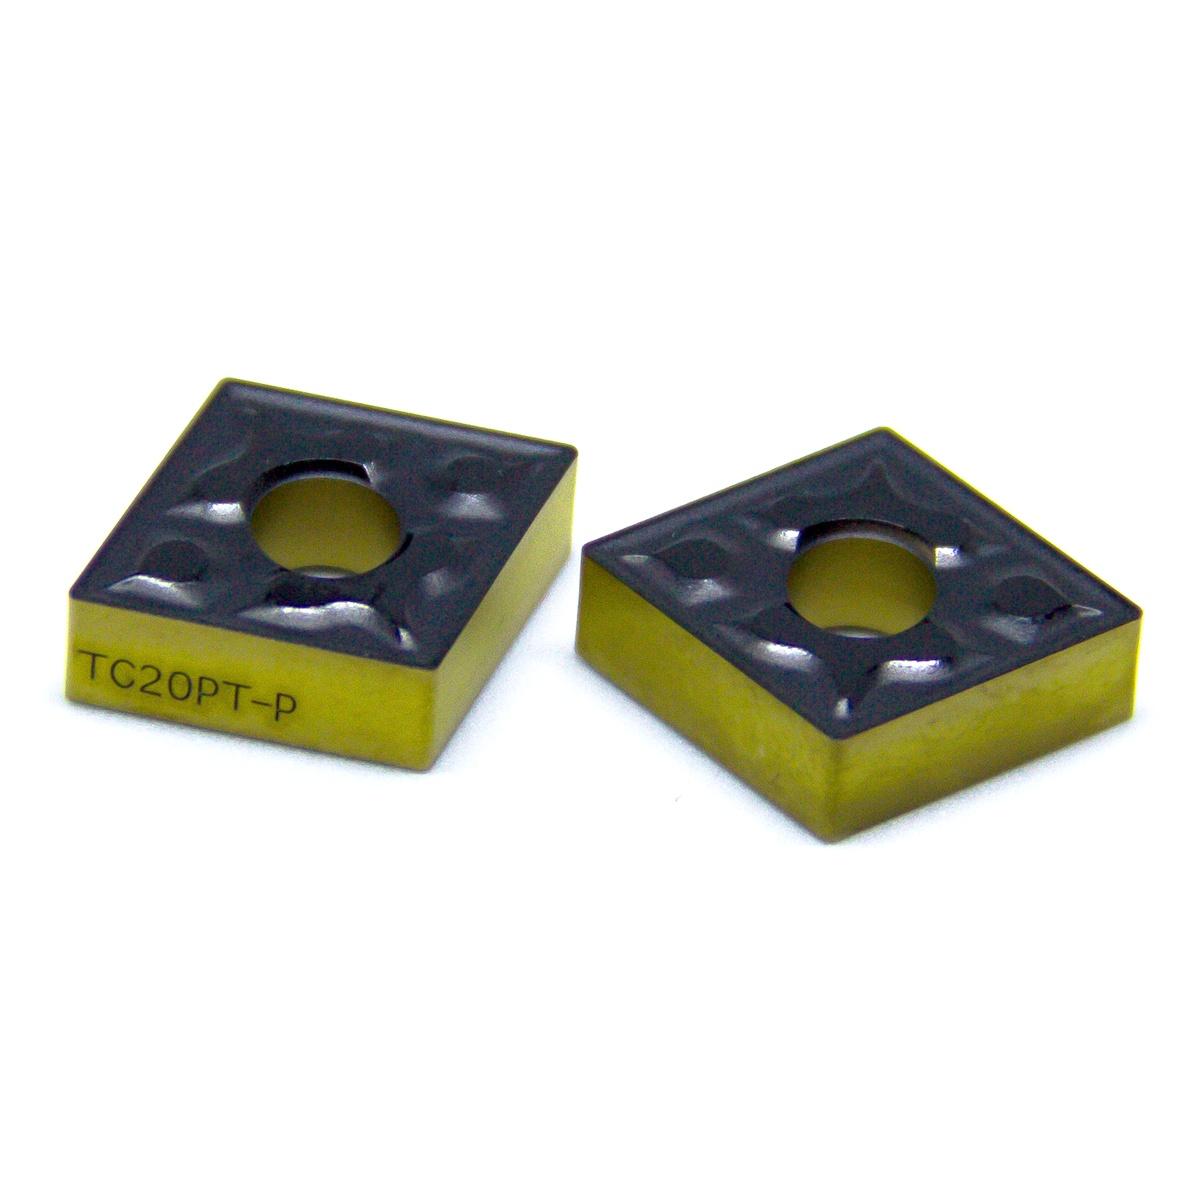 Пластина для токарной обработки CNMG 160612